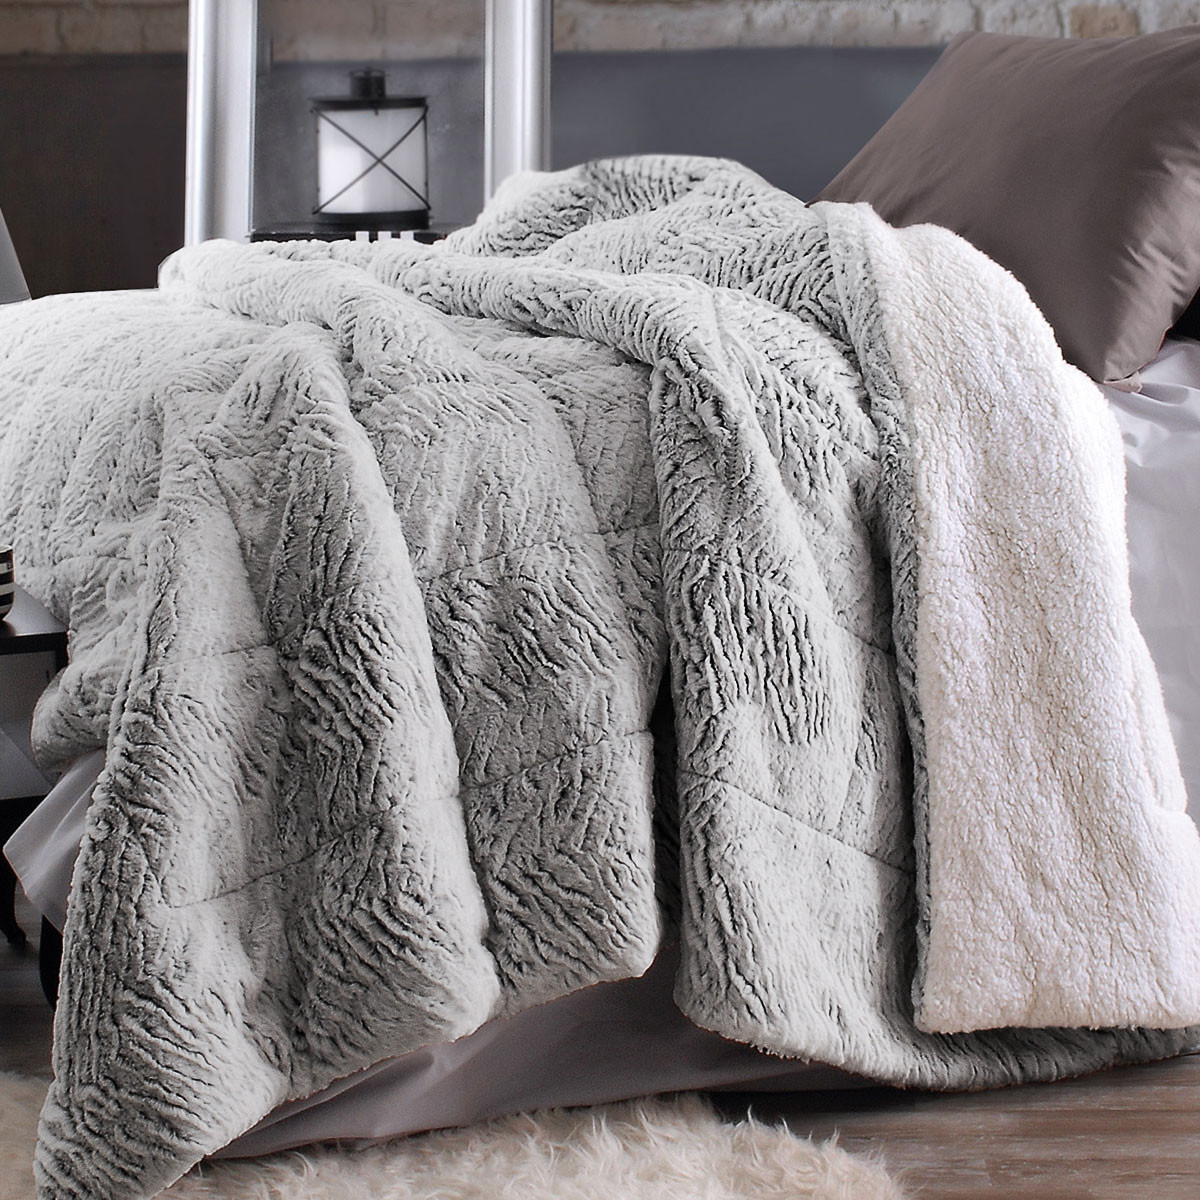 Κουβερτοπάπλωμα Υπέρδιπλο Rythmos Alba home   κρεβατοκάμαρα   παπλώματα   κουβερτοπαπλώματα